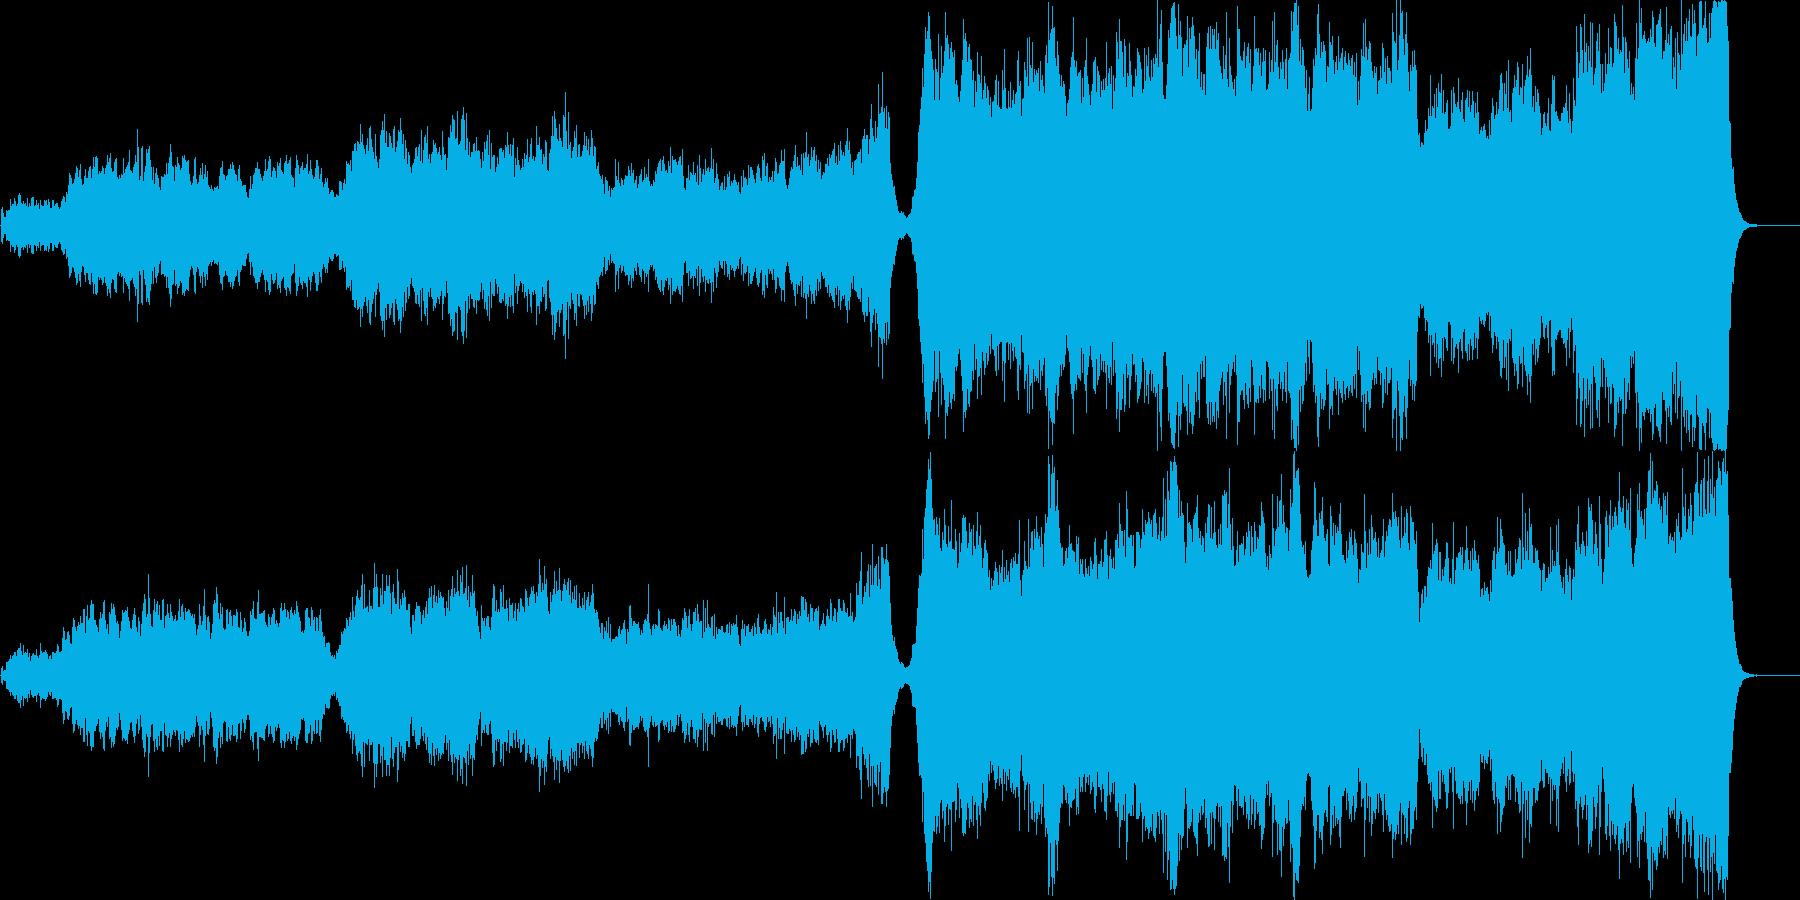 感動的な場面を意識したオーケストラの再生済みの波形